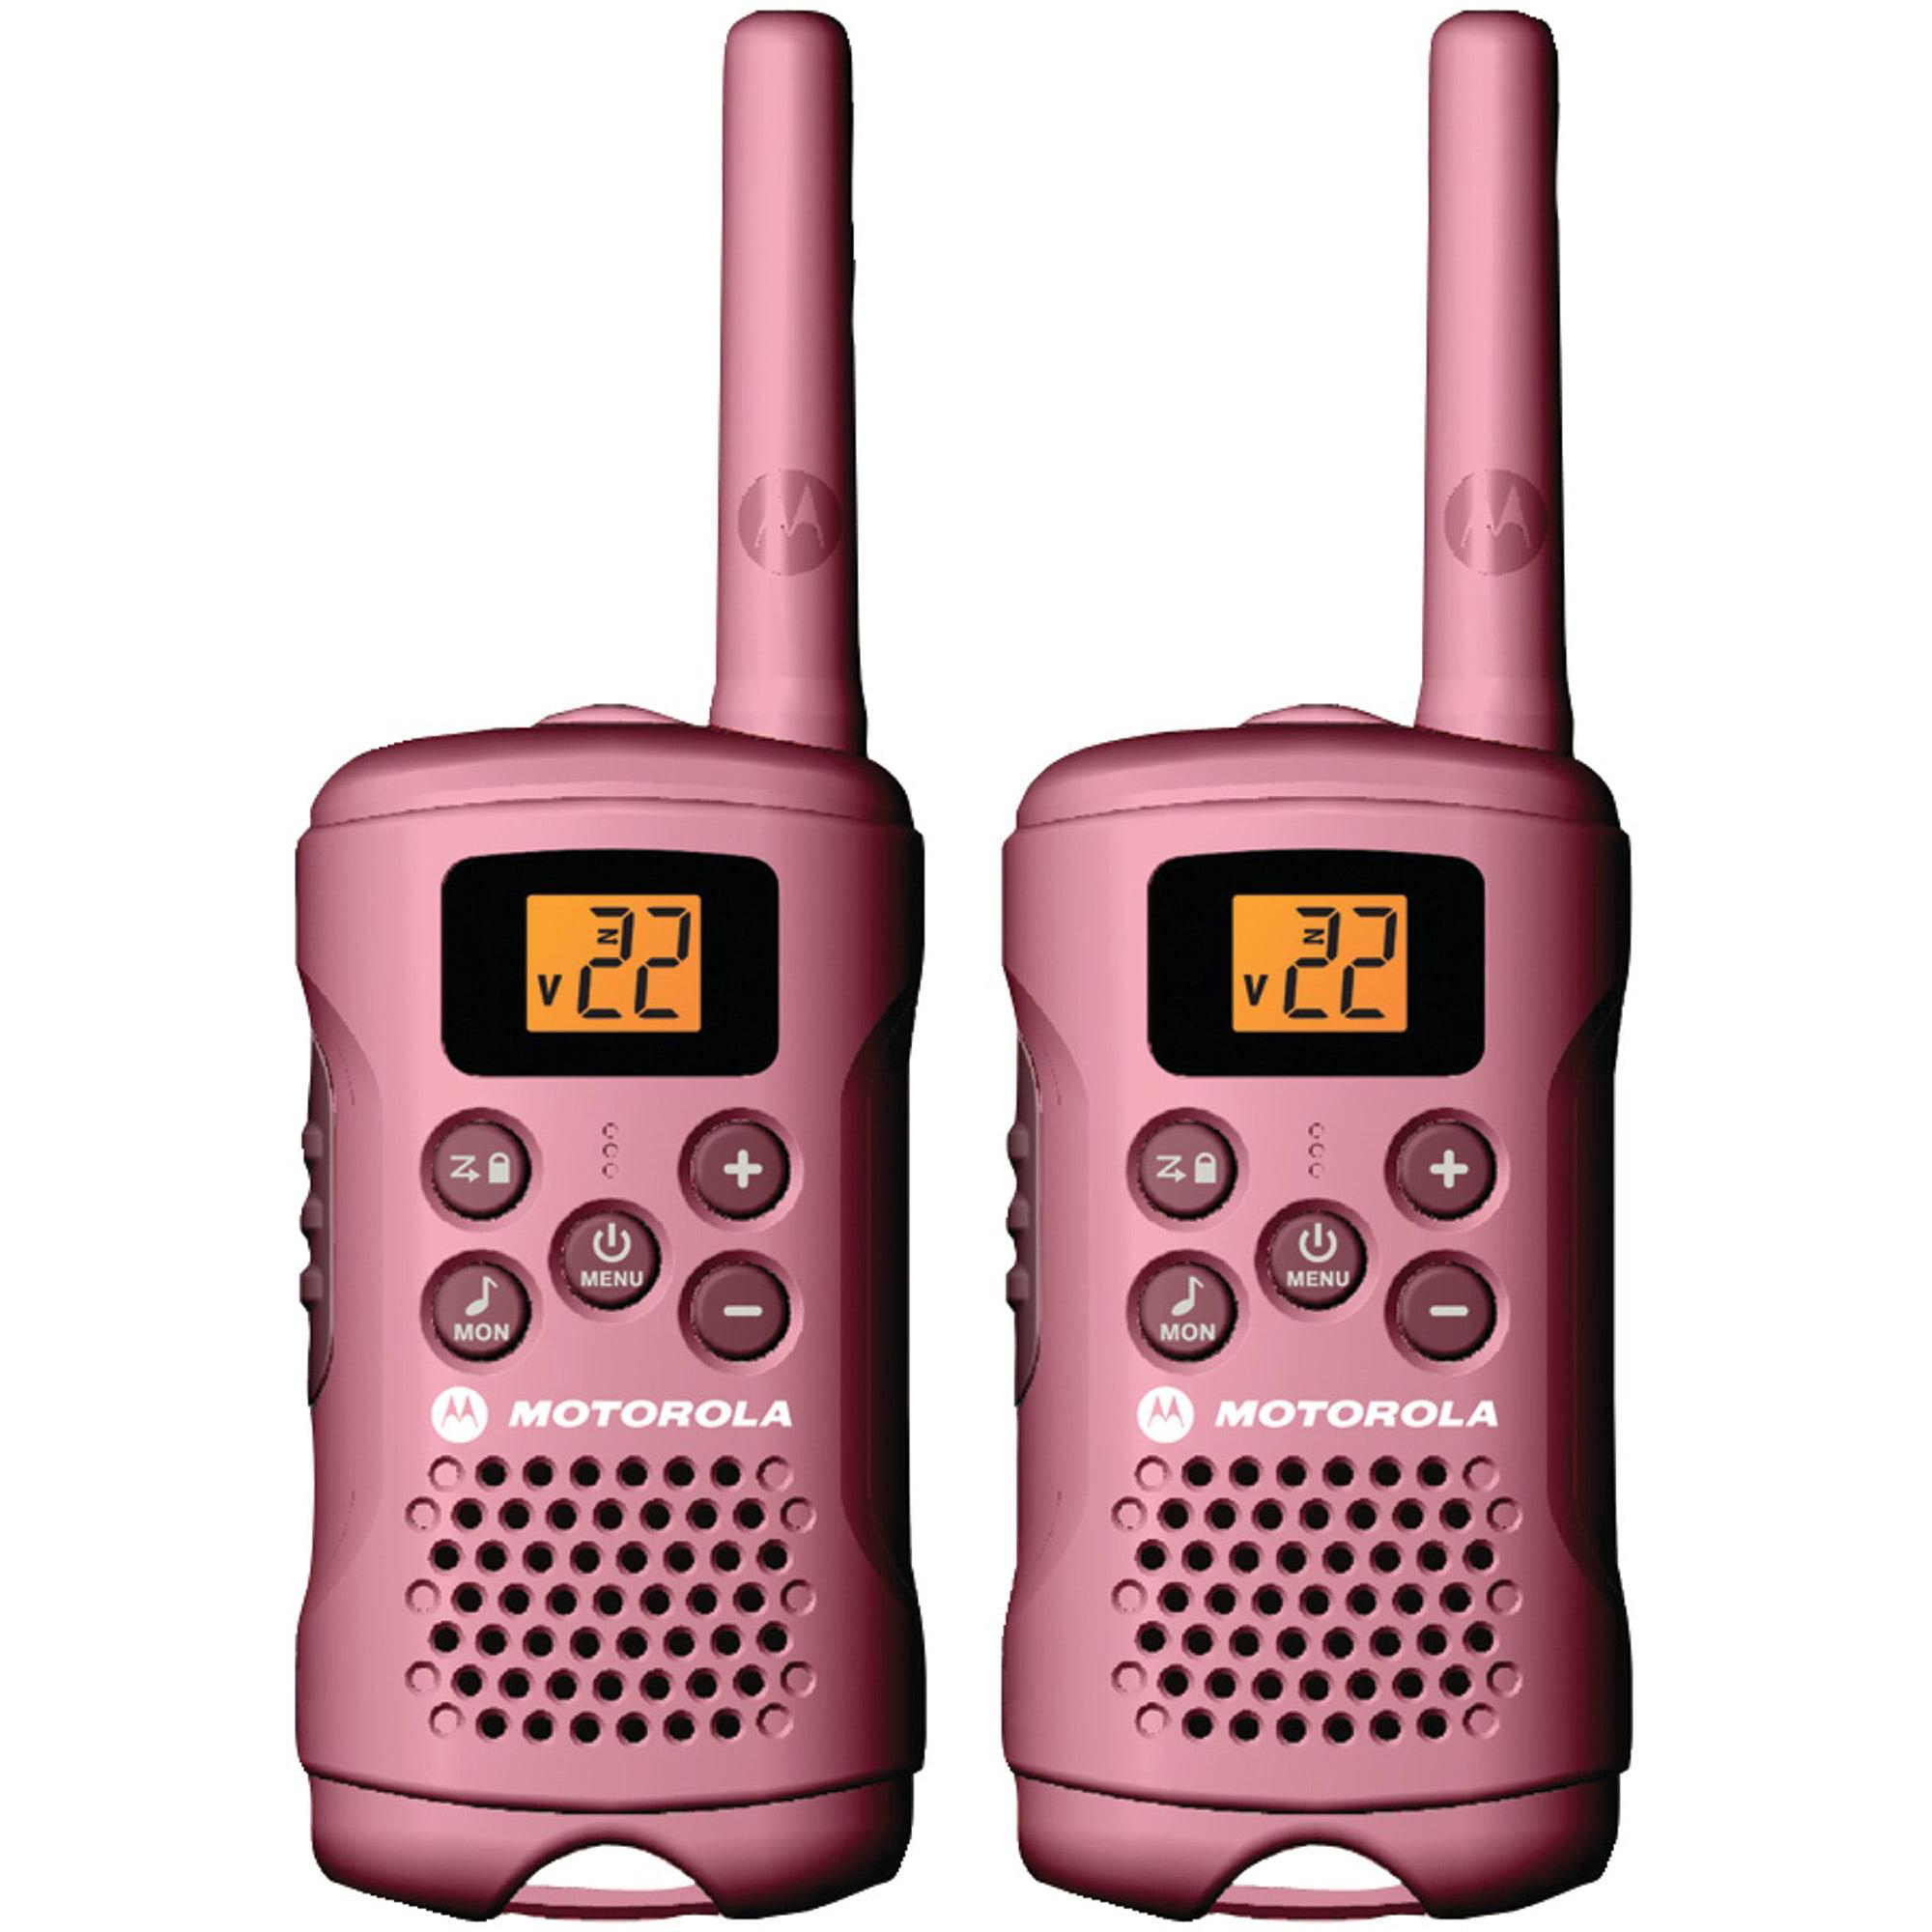 Motorola MG167A -16 Mile Talkabout 2-Way Radios (Pink), PAIR